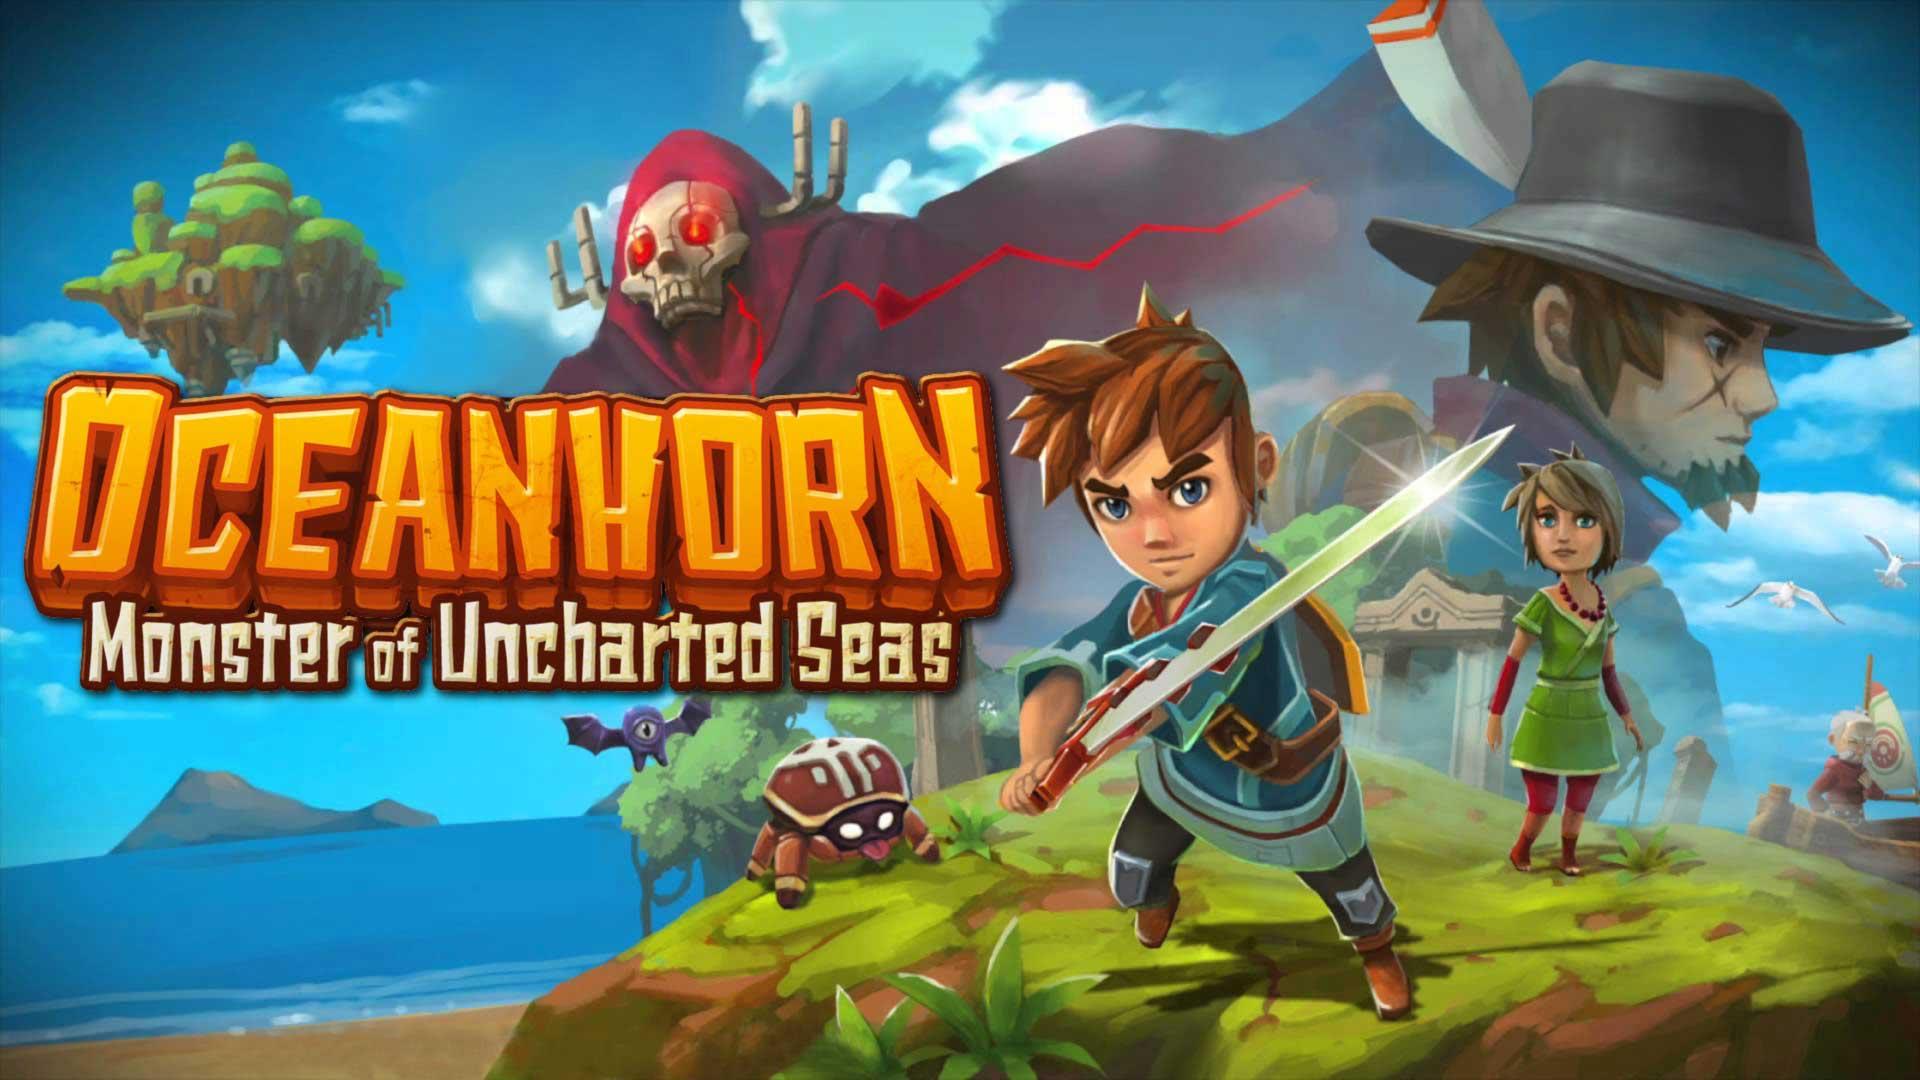 Game petualangan di iphone oceanhorn 2019